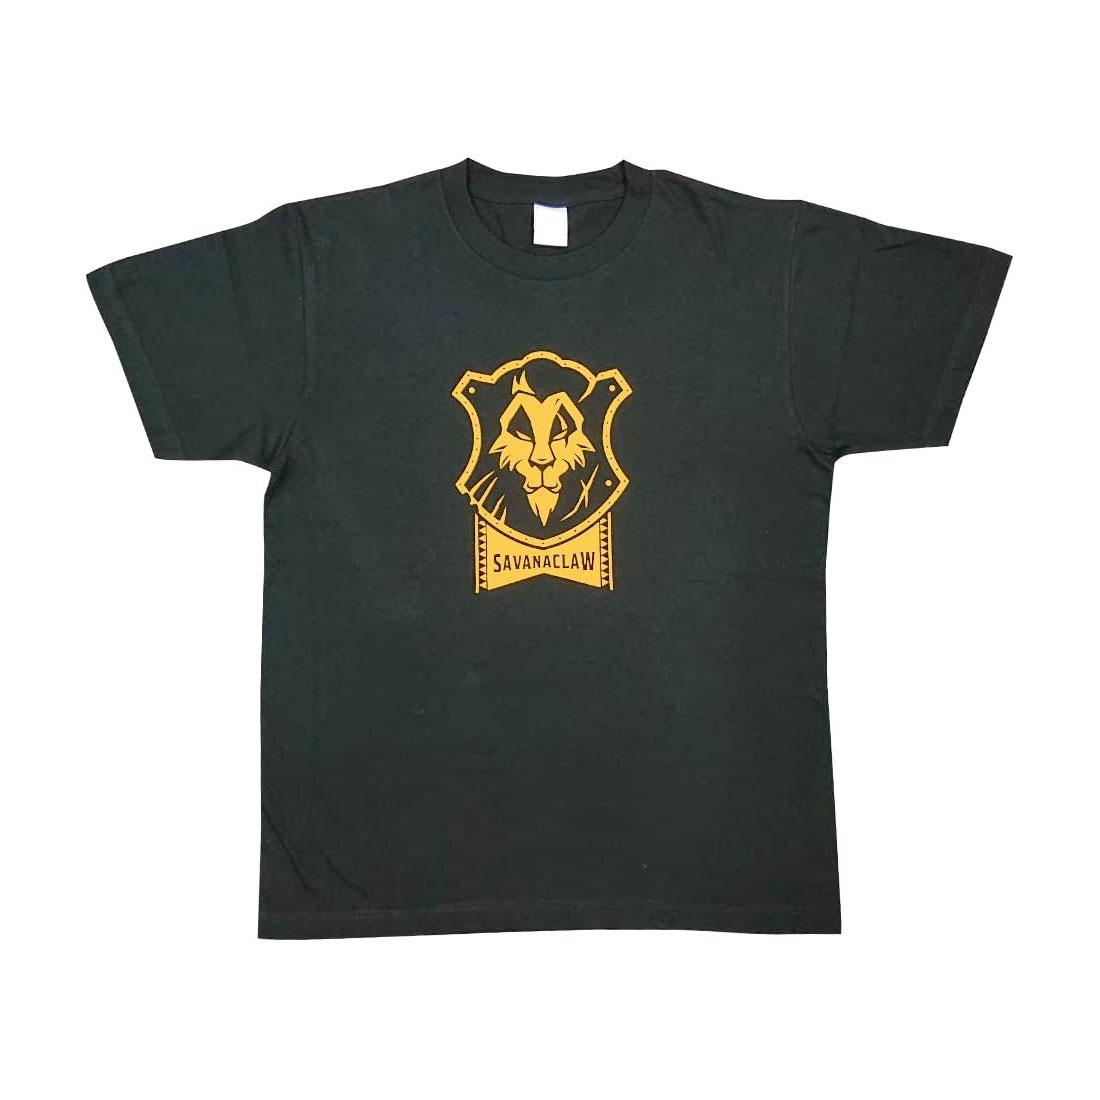 ディズニー ツイステッドワンダーランド Tシャツ サバナクロー(Mサイズ)